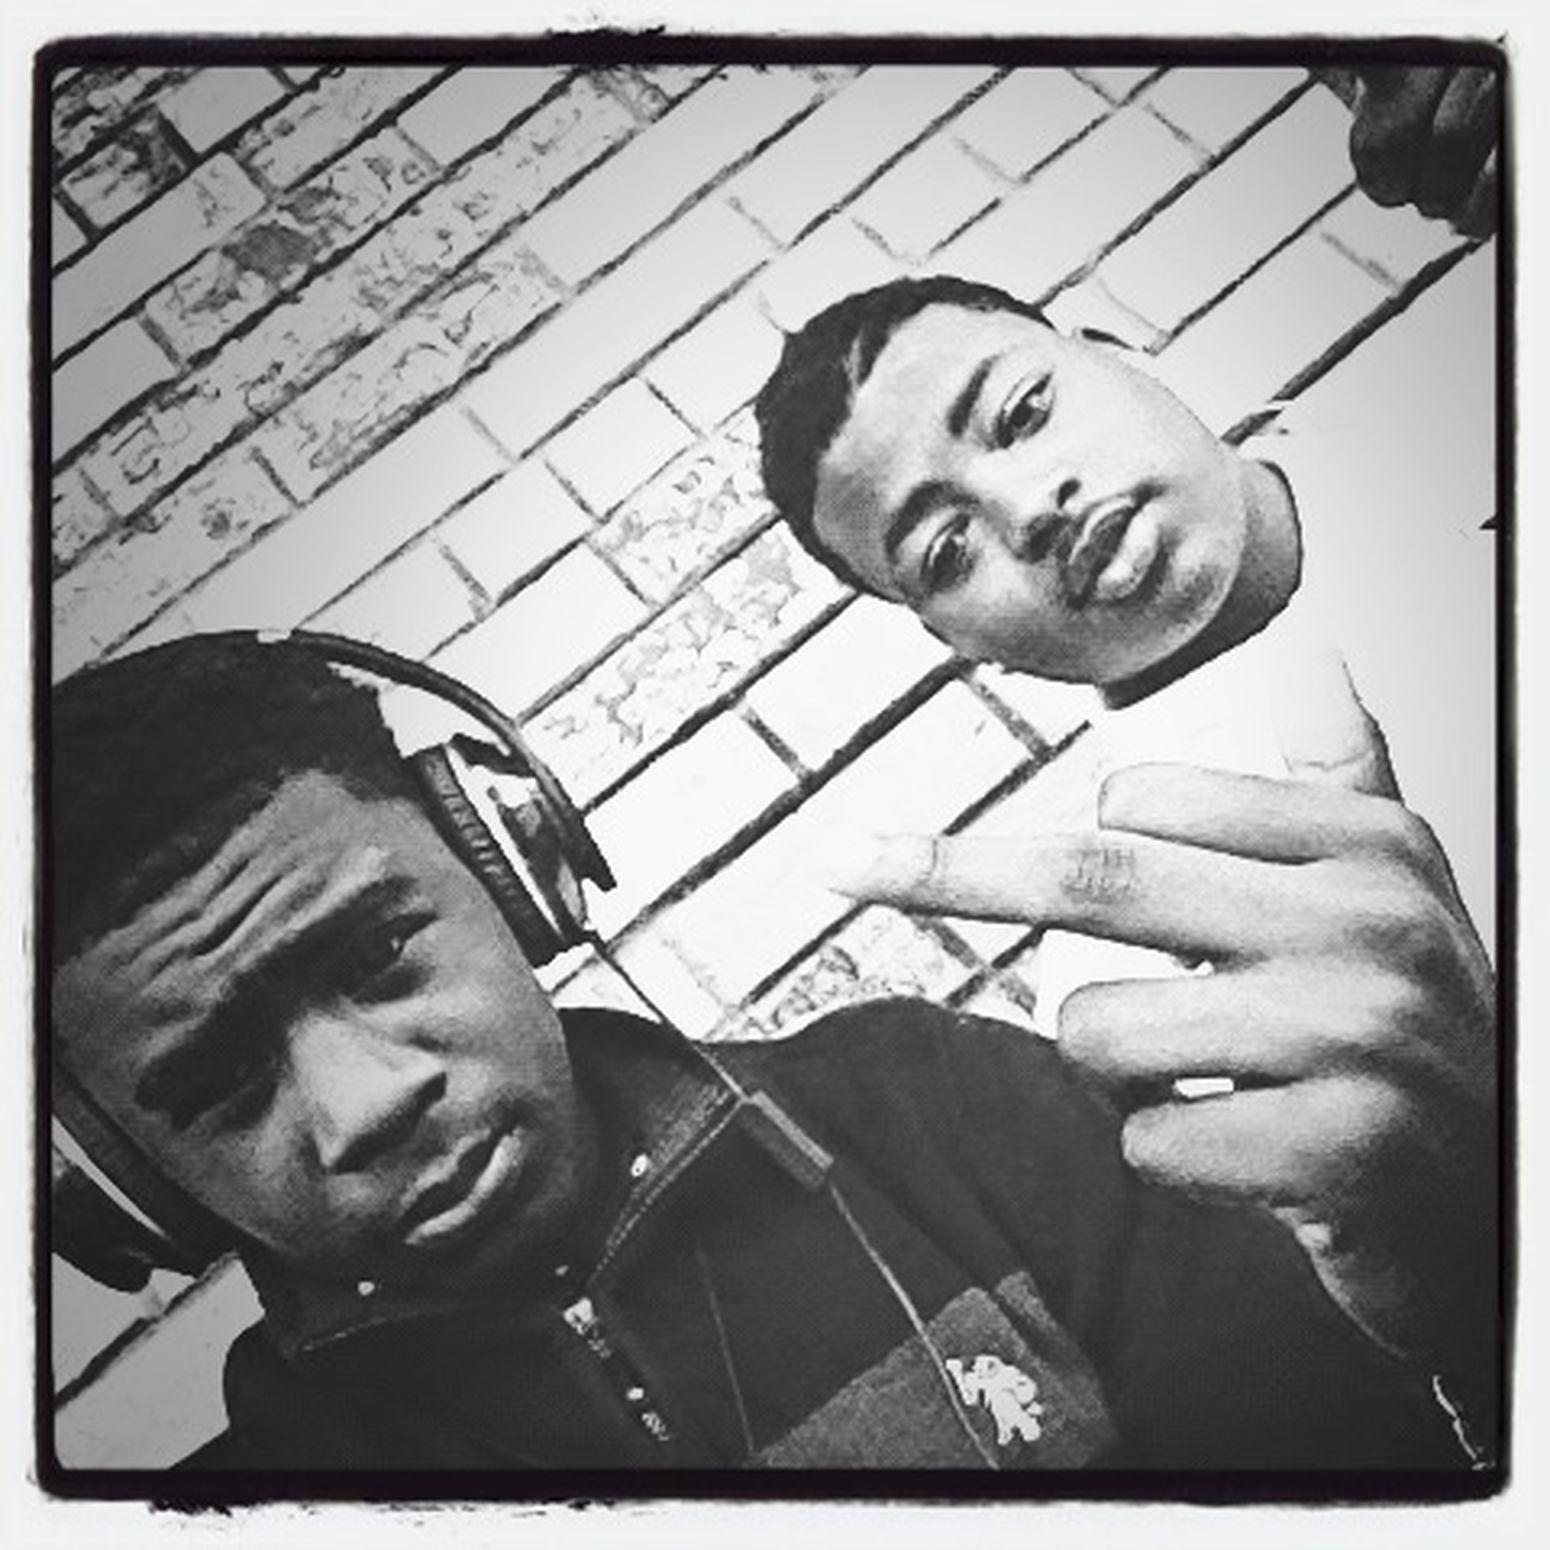 Me and my nigga @demorc